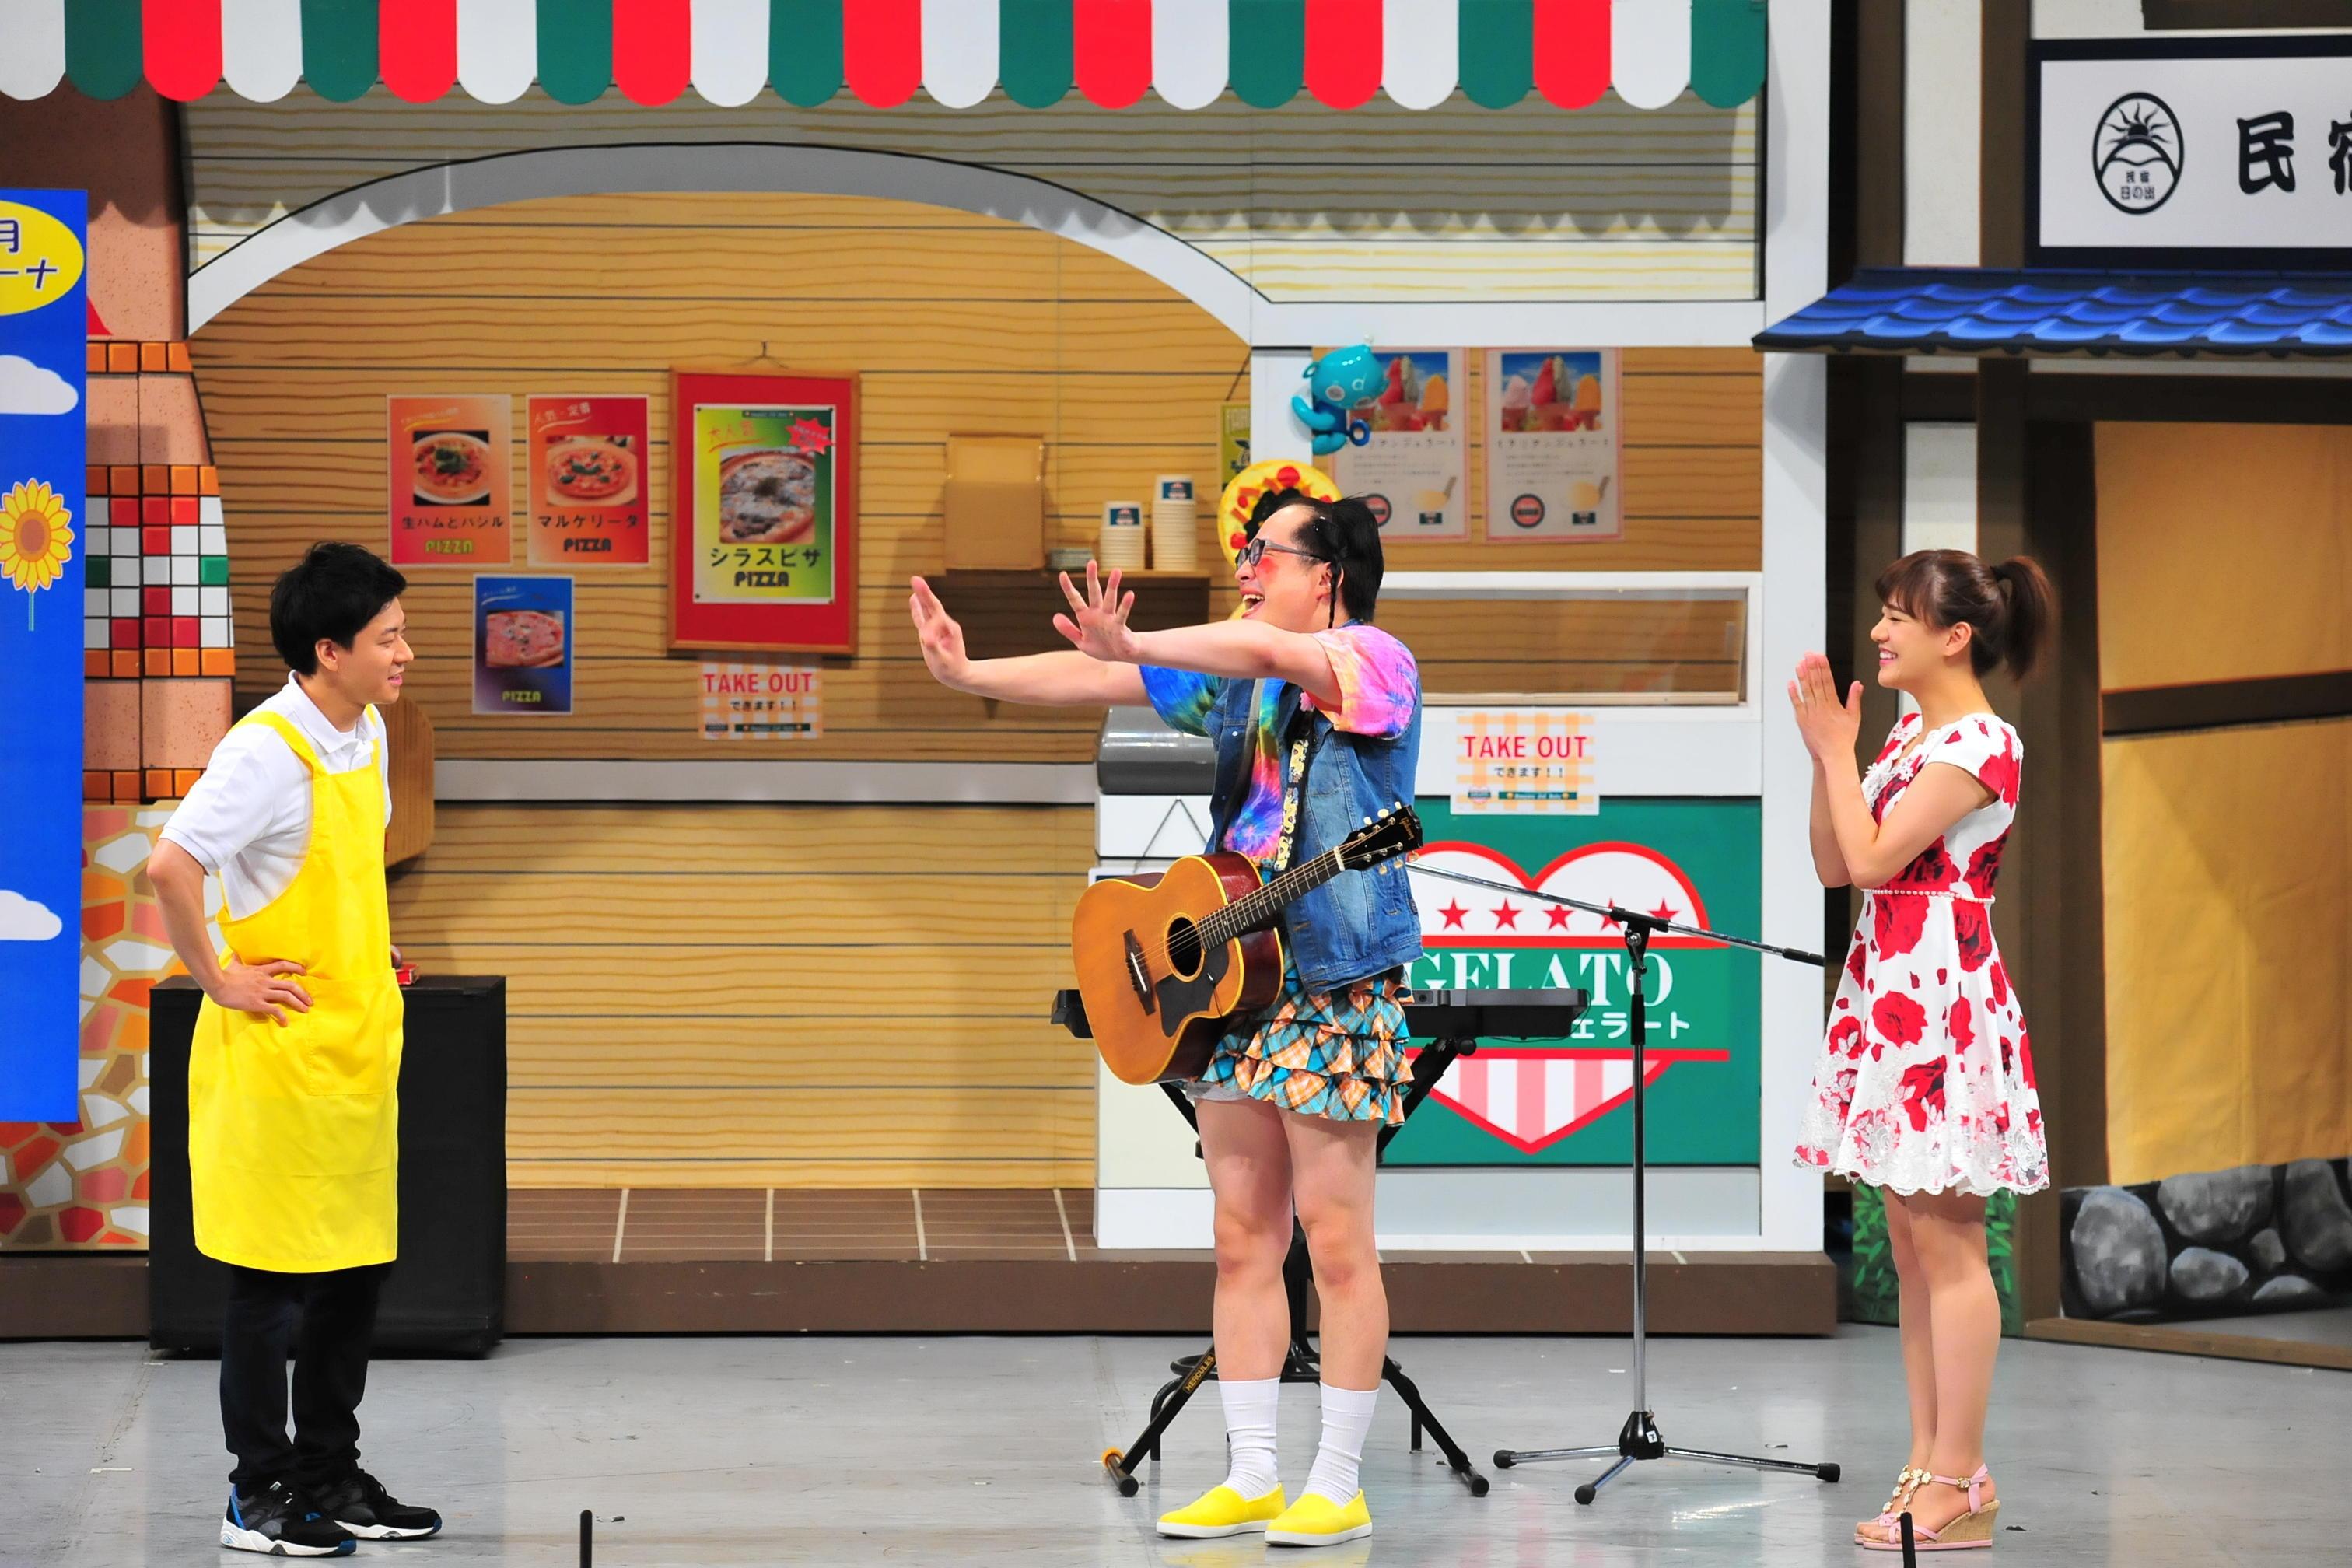 http://news.yoshimoto.co.jp/20160814183522-24d19f2f6a94927f73bfcb6dbdb9c83c173cb7c2.jpg